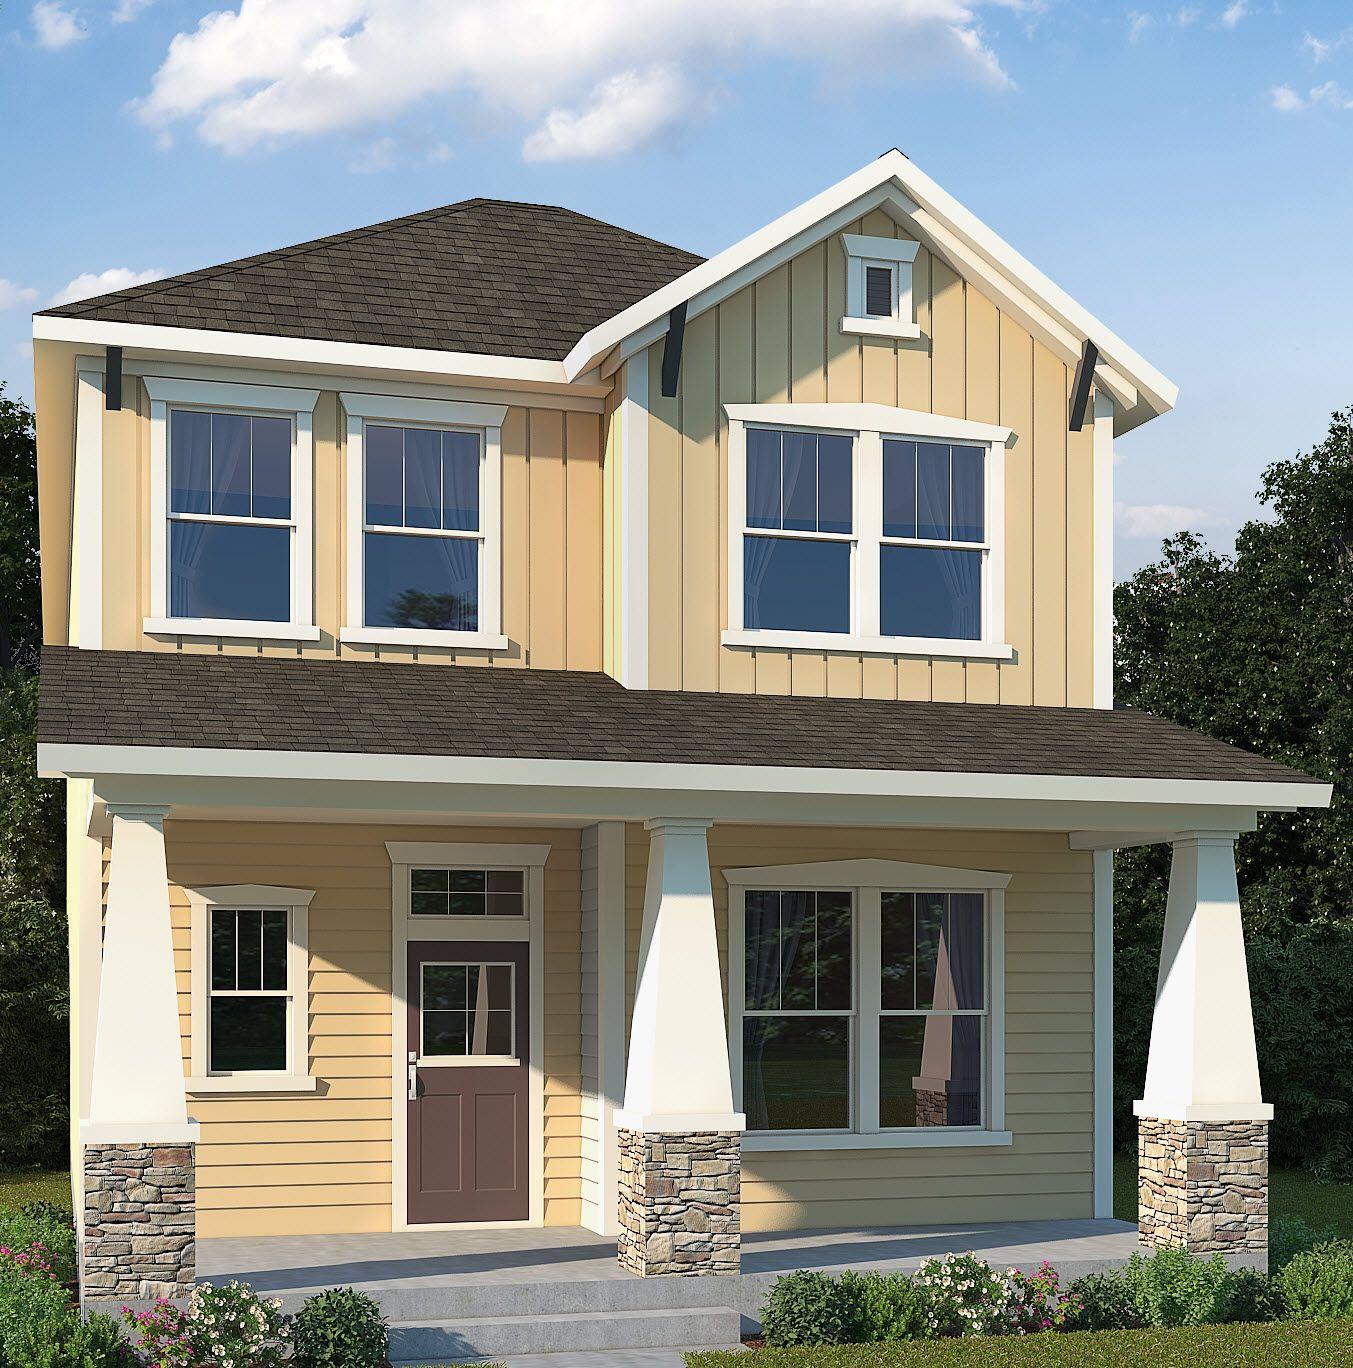 Stapleton new homes new homes for sale in stapleton co for Stapleton builders